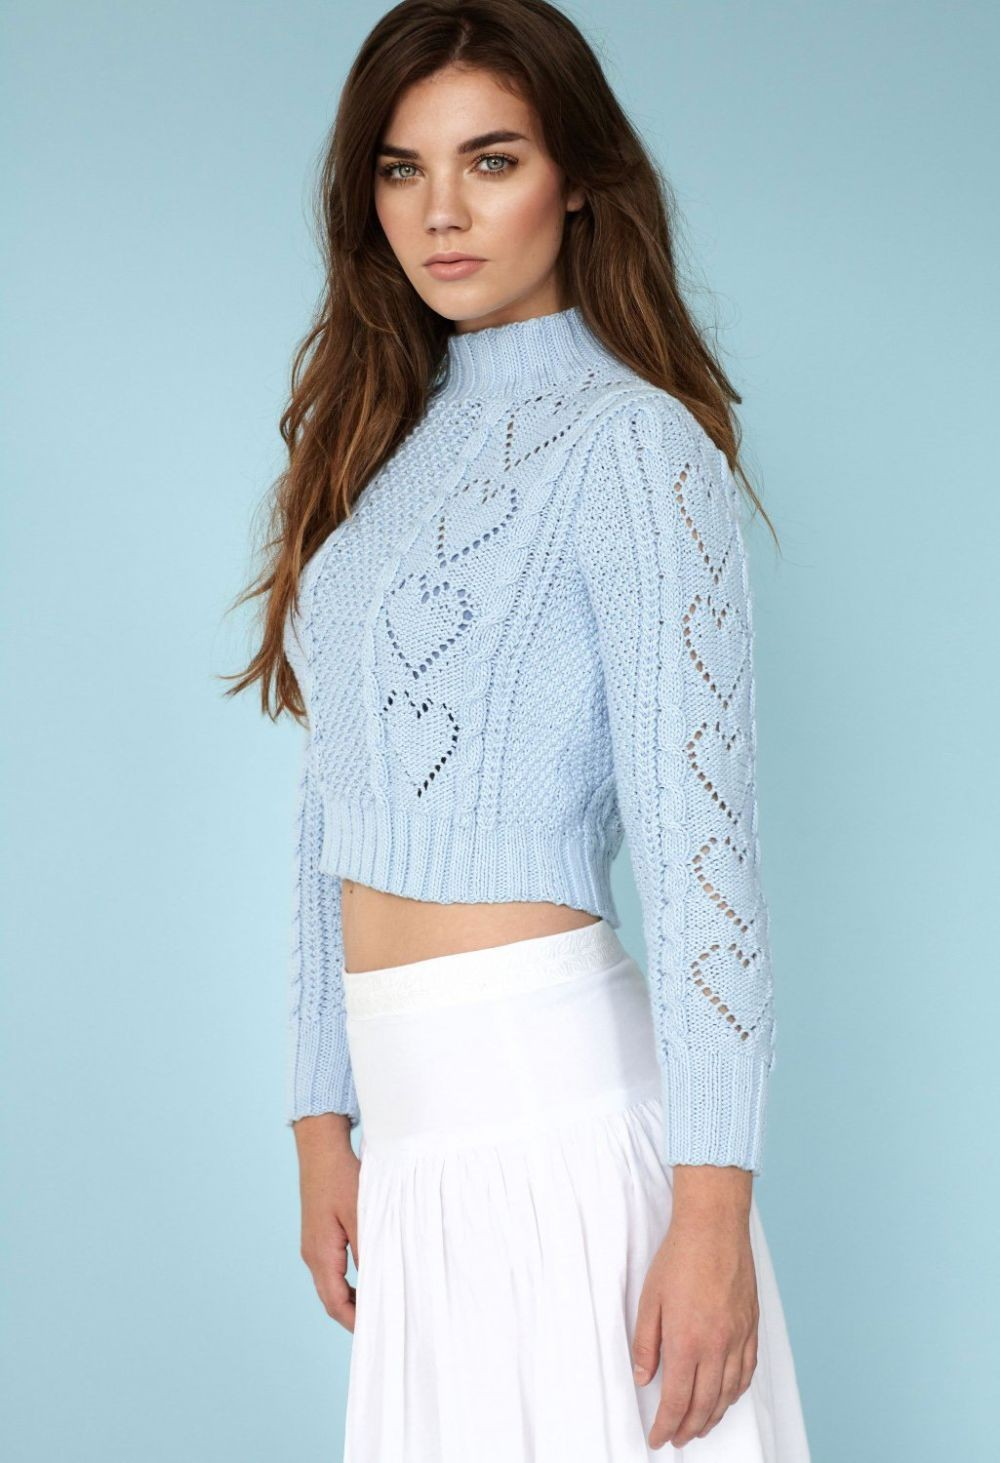 вязаный свитер короткий голубойс узором